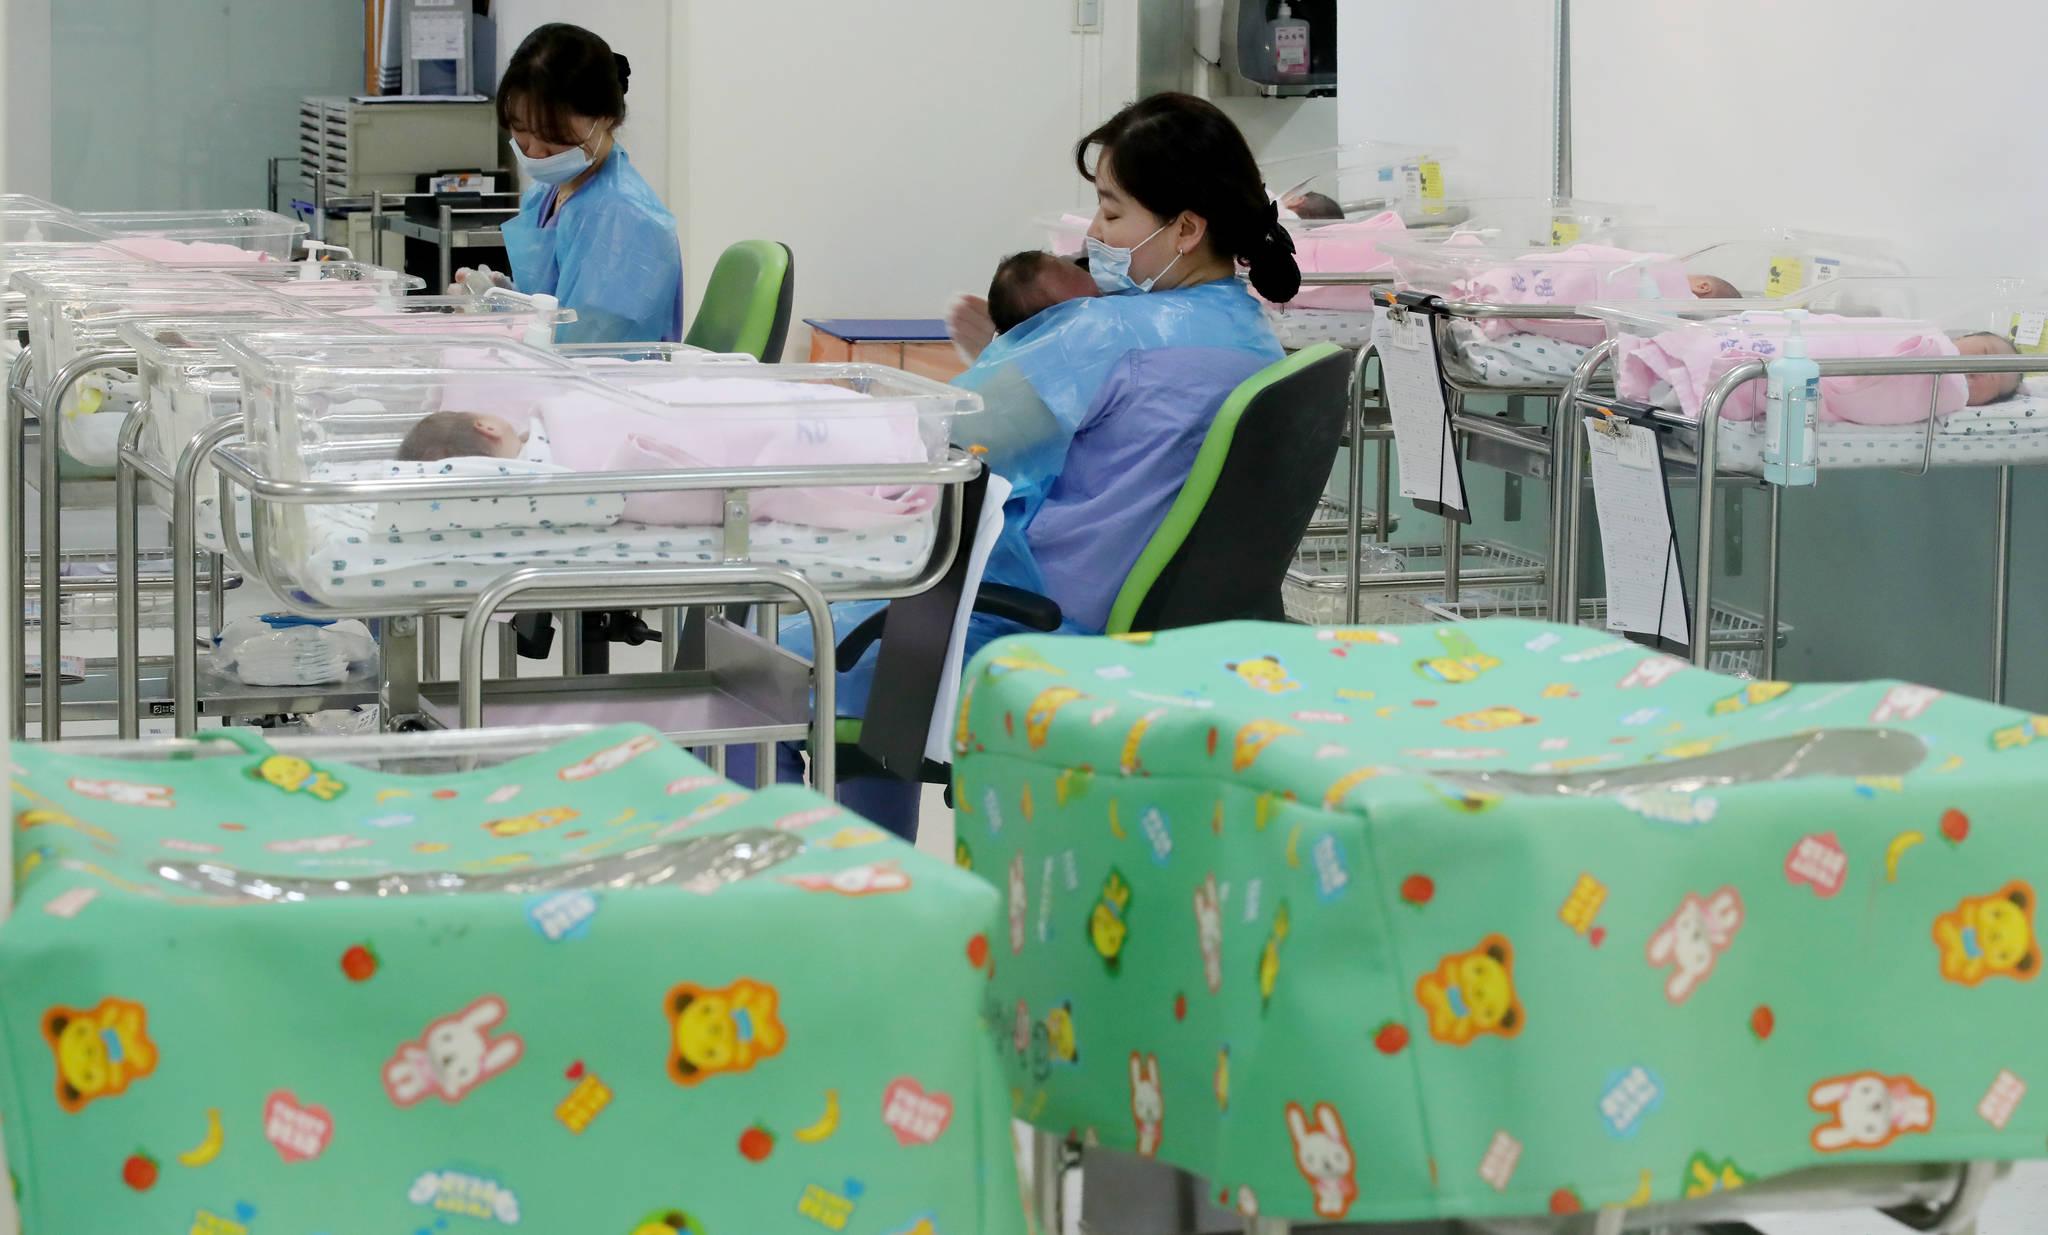 [통계 작성이래 사상 최저 기록한 출생아수 통계 작성이래 사상 최저 기록한 출생아수   (서울=연합뉴스) 홍해인 기자 = 28일 통계청 발표에 따르면 지난해 우리나라 출생아수가 1970년대 통계 작성이래 처음으로 35만명대를 기록했다. 여성 1명이 평생 낳을 것으로 예상되는 평균 출생아수를 뜻하는 합계출산율도 1.05명으로 역대 최저 기록을 세웠다. 사진은 이날 오후 서울 시내 한 산부인과 병원 신생아실. 2018.2.28   hihong@yna.co.kr/2018-02-28 15:20:46/ <저작권자 ⓒ 1980-2018 ㈜연합뉴스. 무